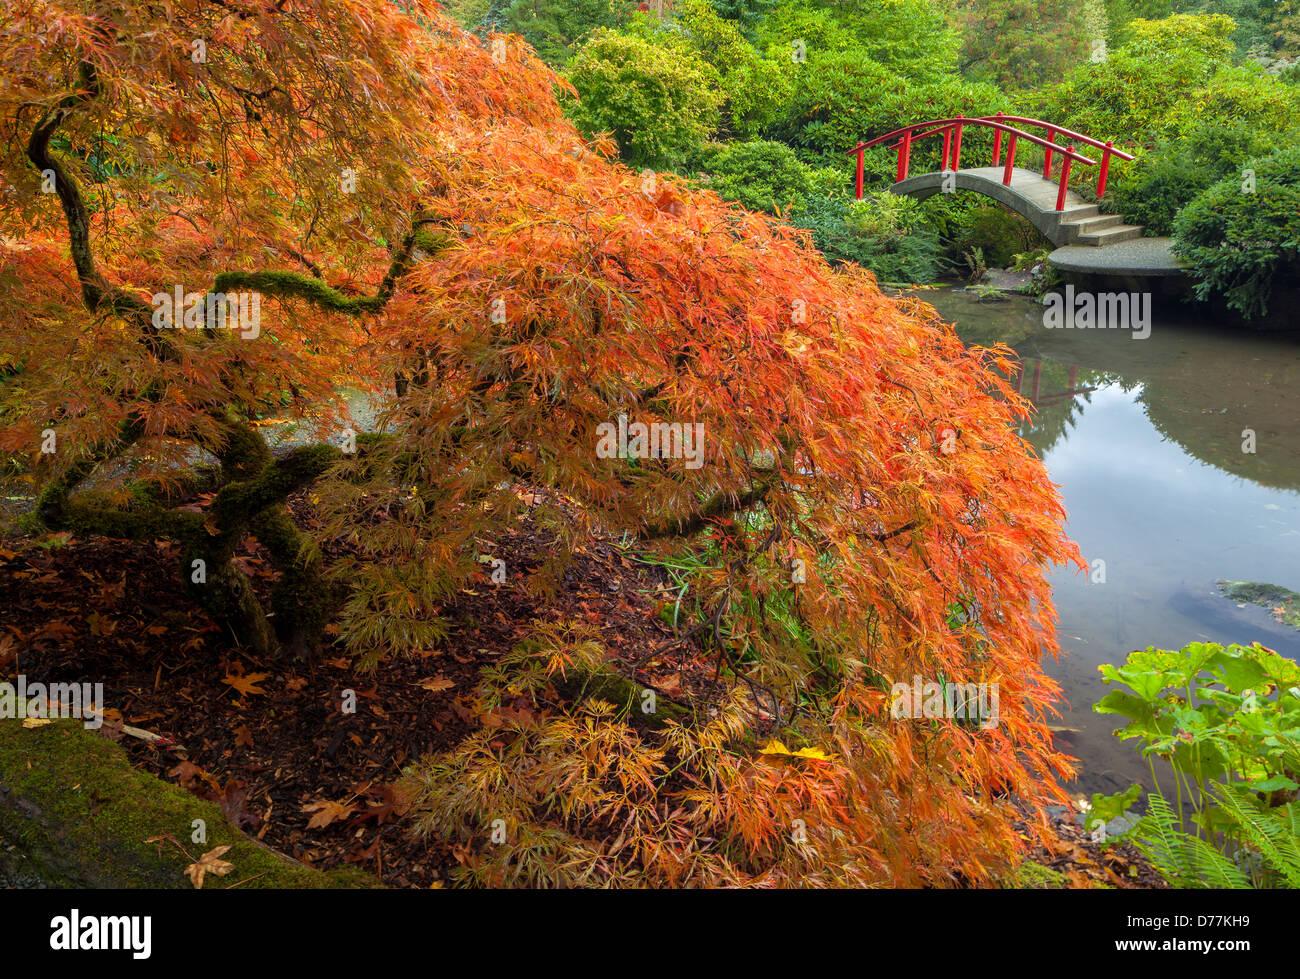 Moon Garden Stock Photos & Moon Garden Stock Images - Alamy